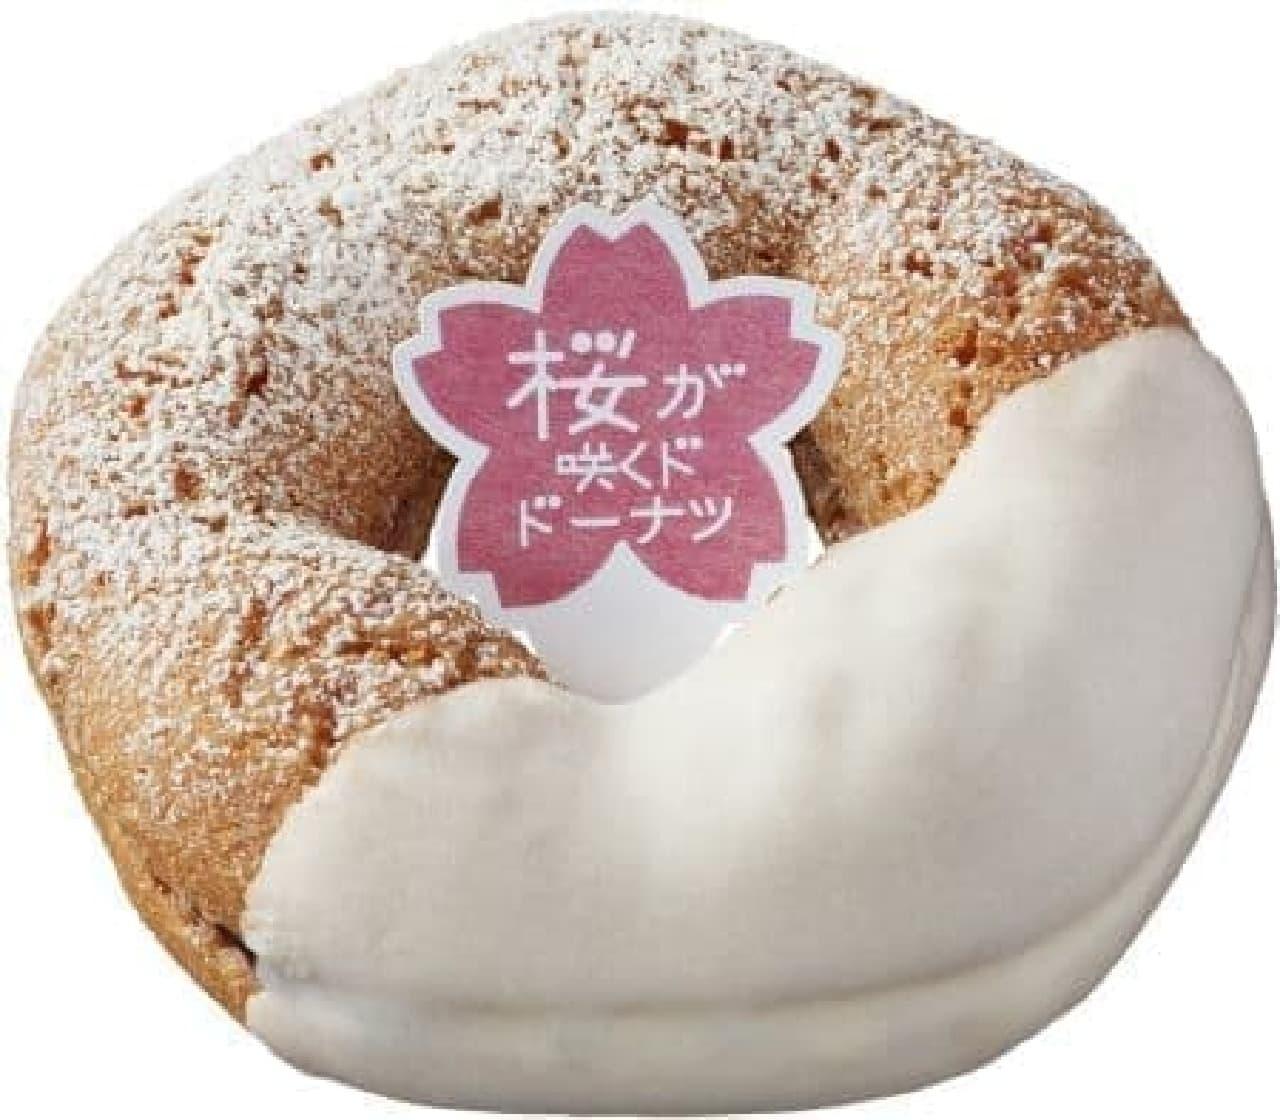 ミスタードーナツ『桜が咲くドドーナツ』